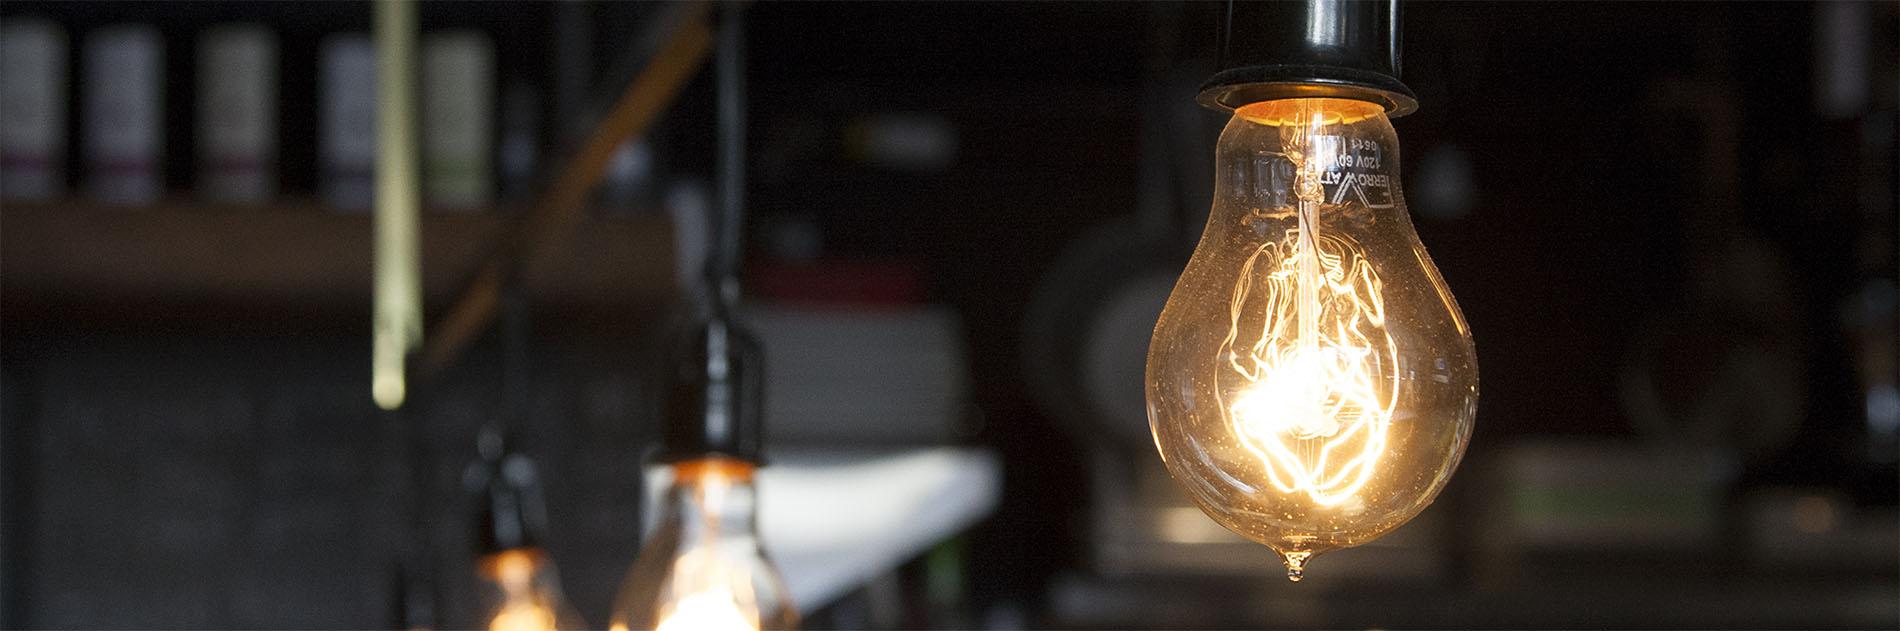 Société d'électricité générale